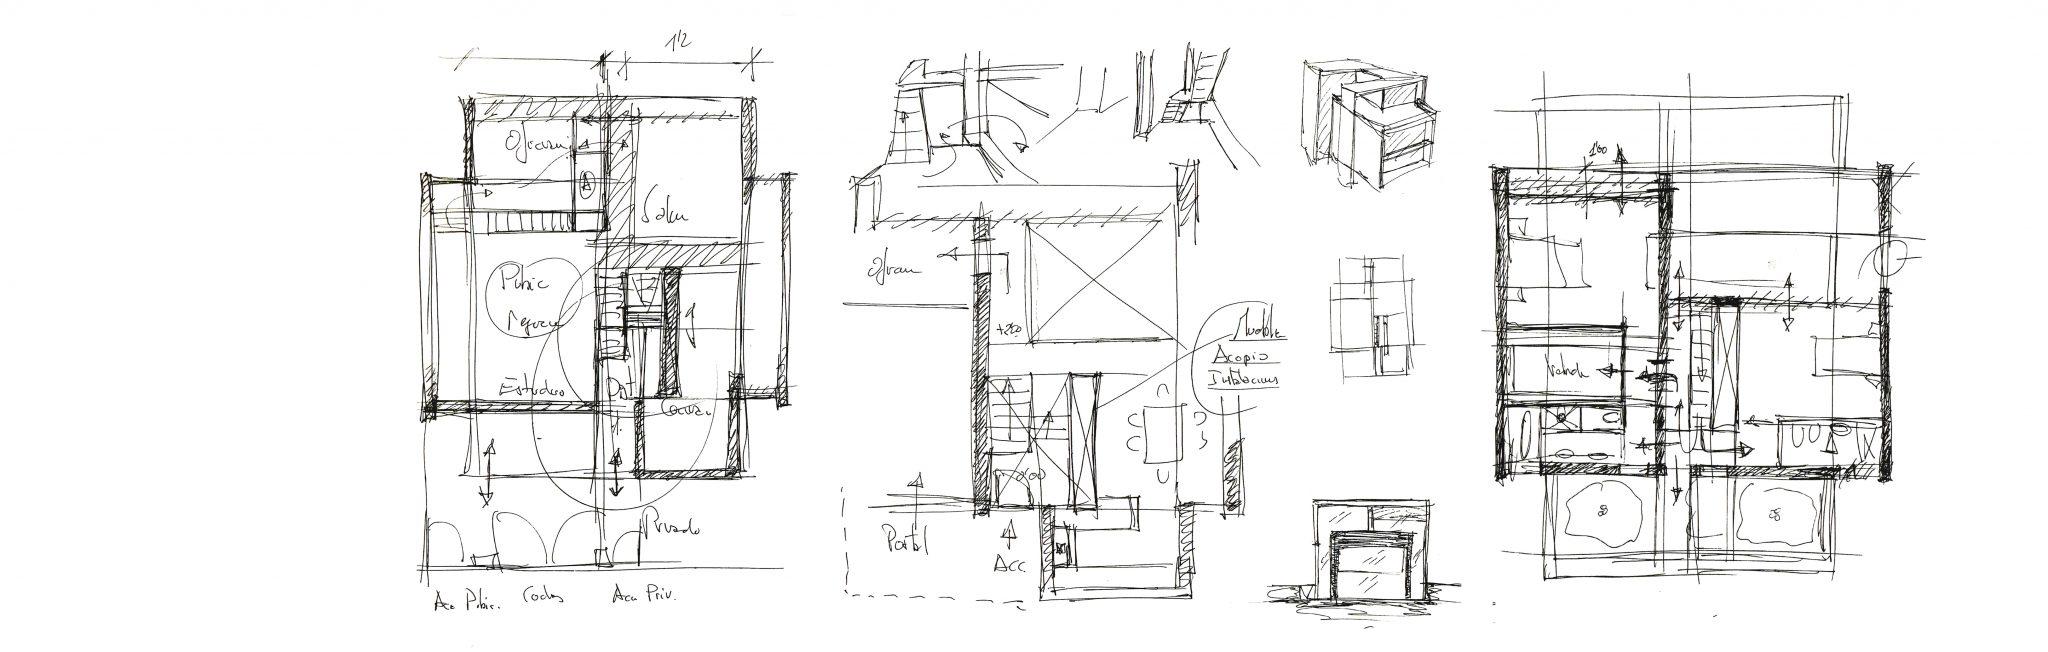 estudio de arquitectura galicia proyecto de vivienda unifamiliar